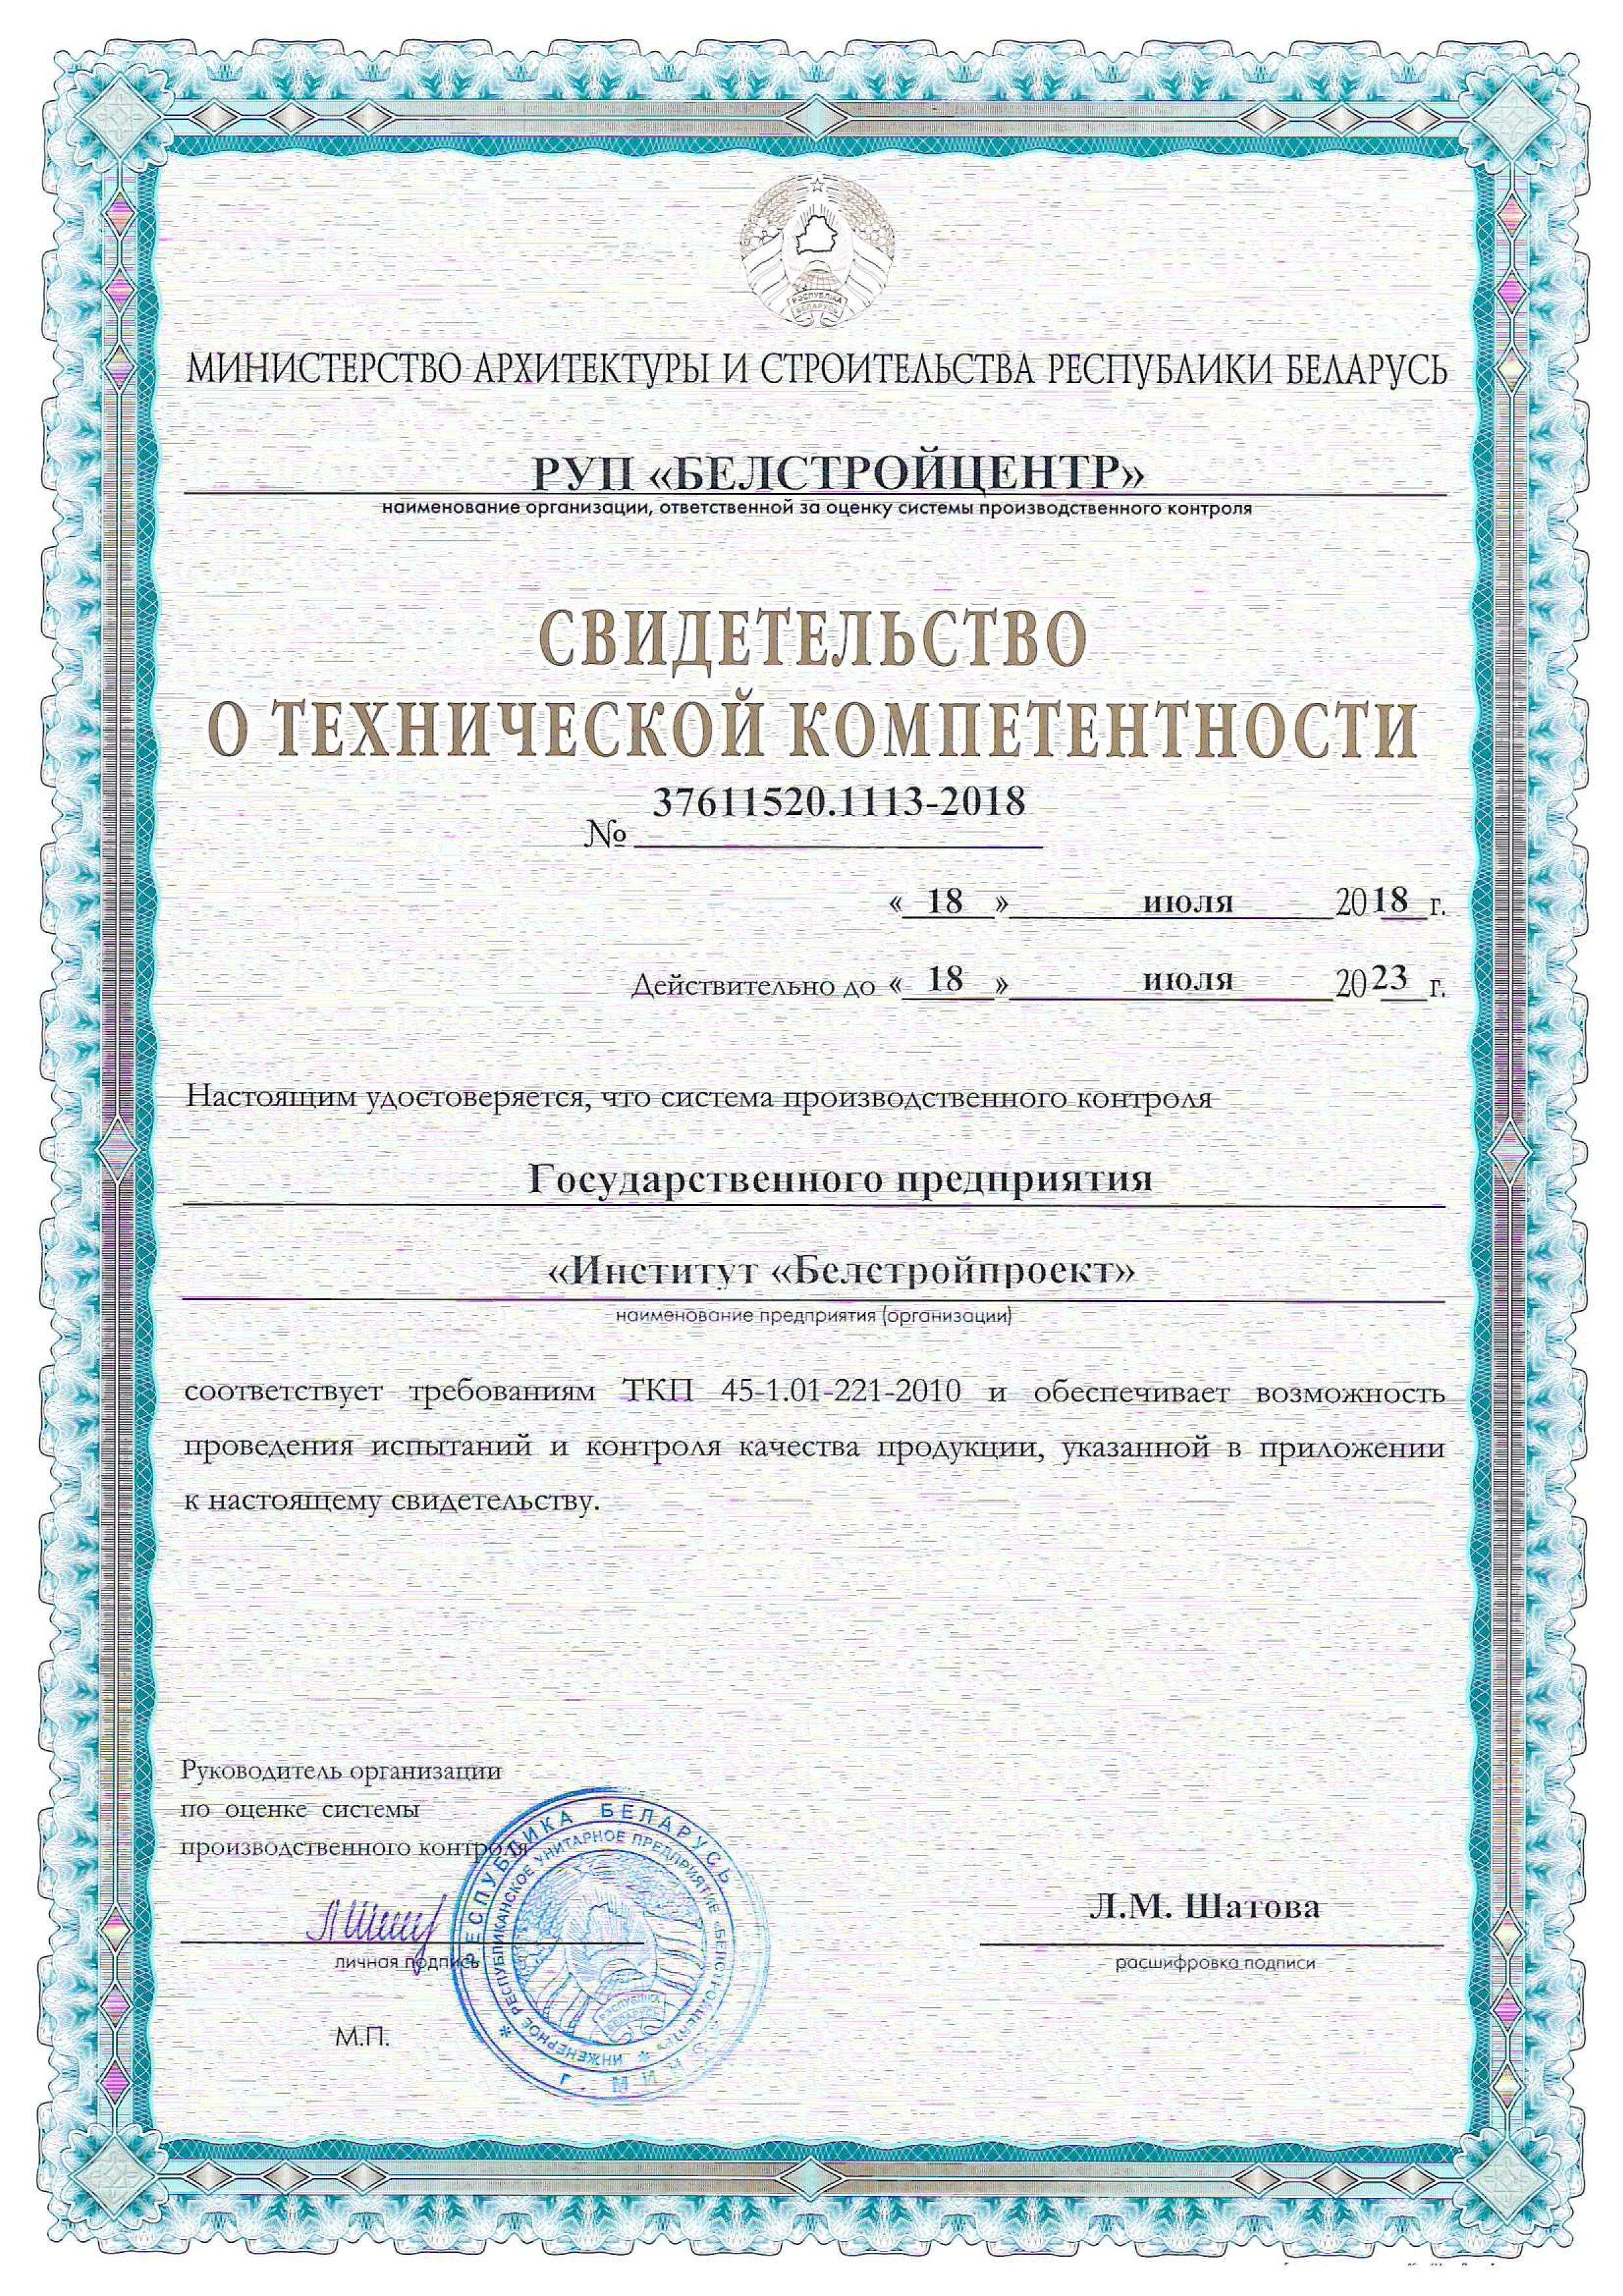 Свидетельство МАиС о технической компетентности (геодезические работы в строительстве)-1-min